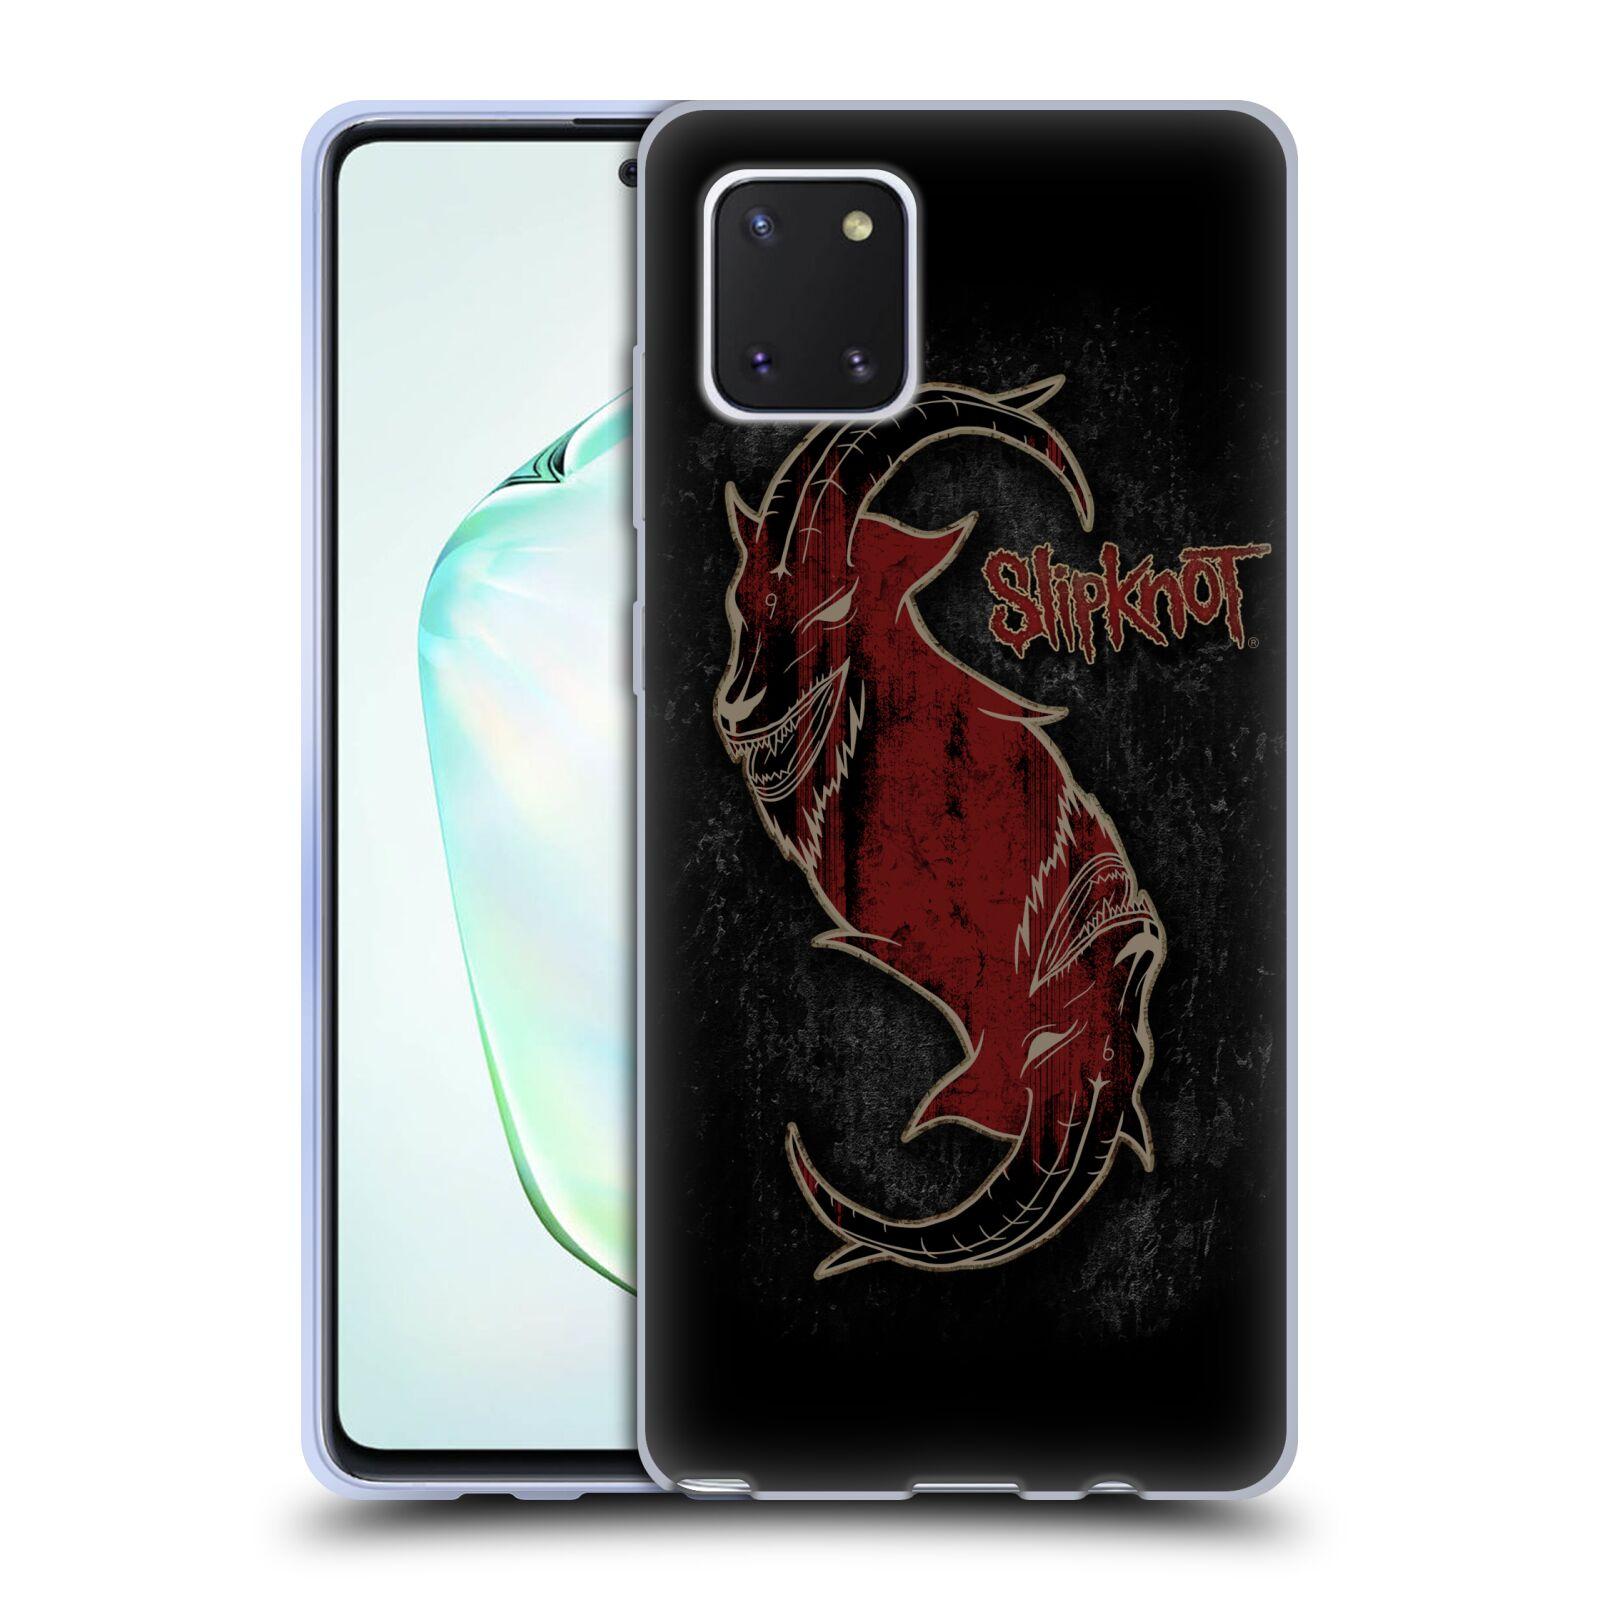 Silikonové pouzdro na mobil Samsung Galaxy Note 10 Lite - Head Case - Slipknot - Rudý kozel